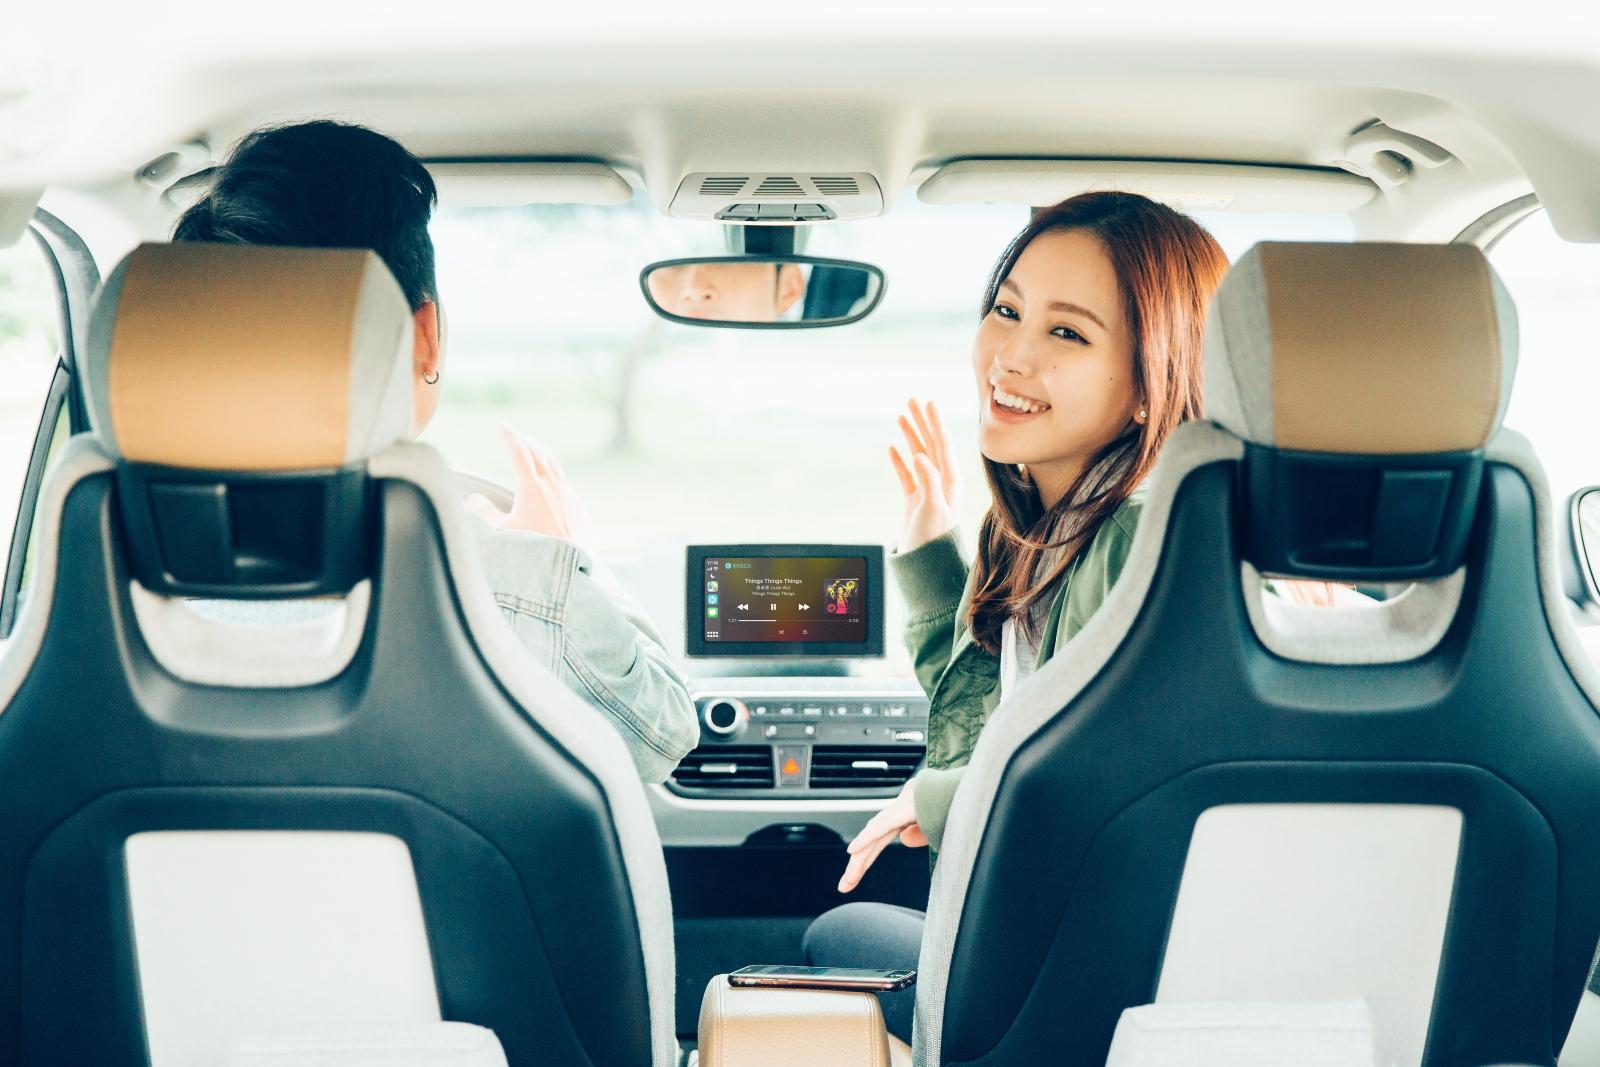 春節返鄉聽歌沒煩惱,KKBOX 推出 Android 版本「車用模式」並新增開車必聽歌單